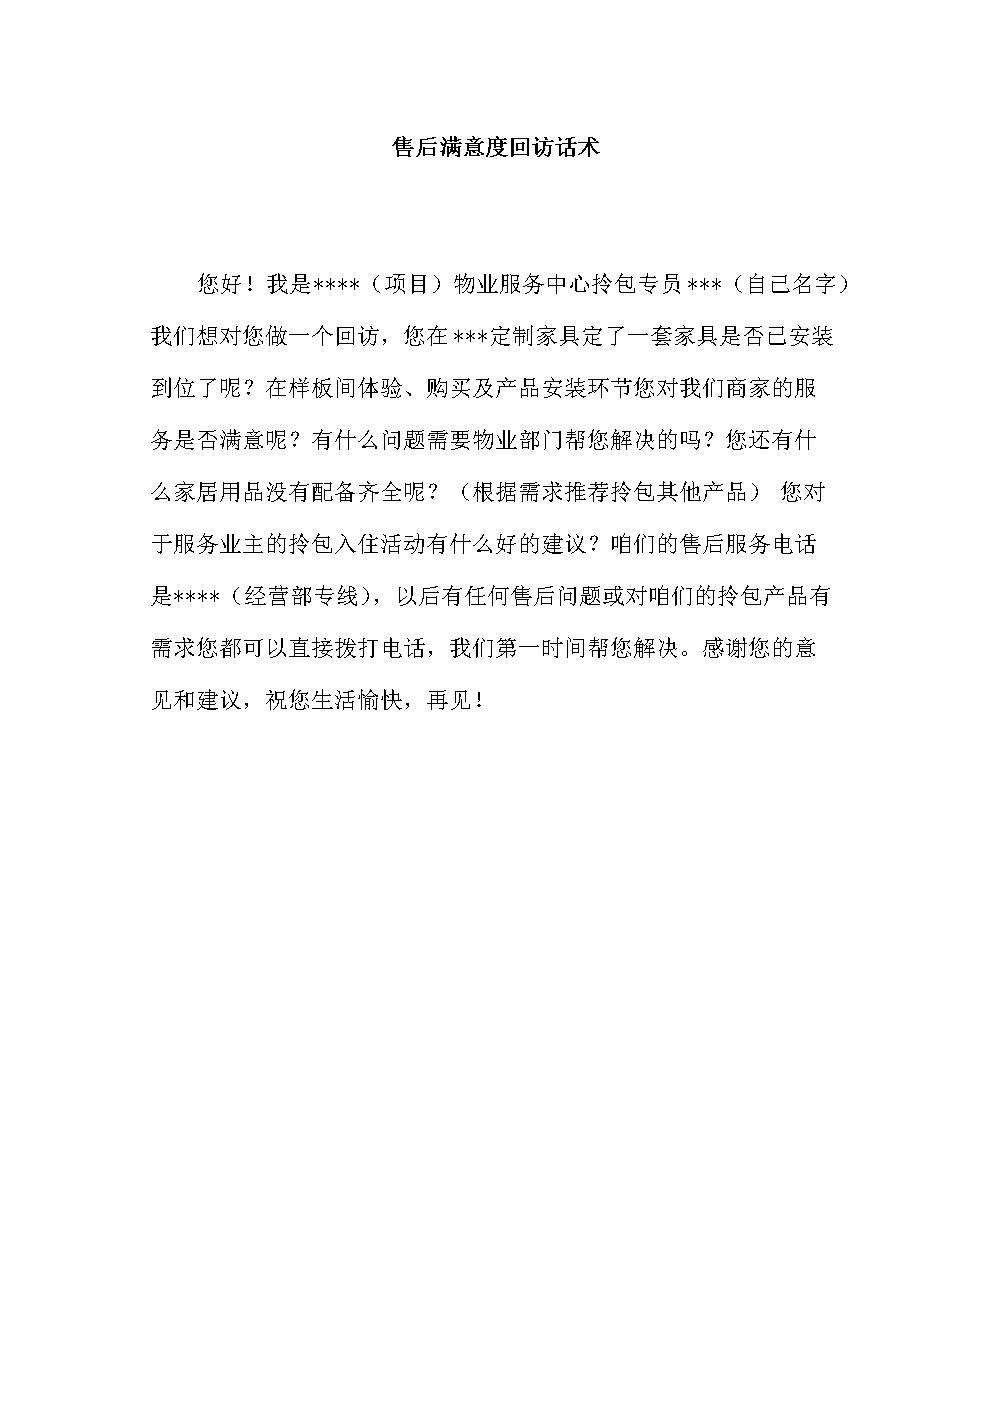 附件27:售后满意度回访话术.docx